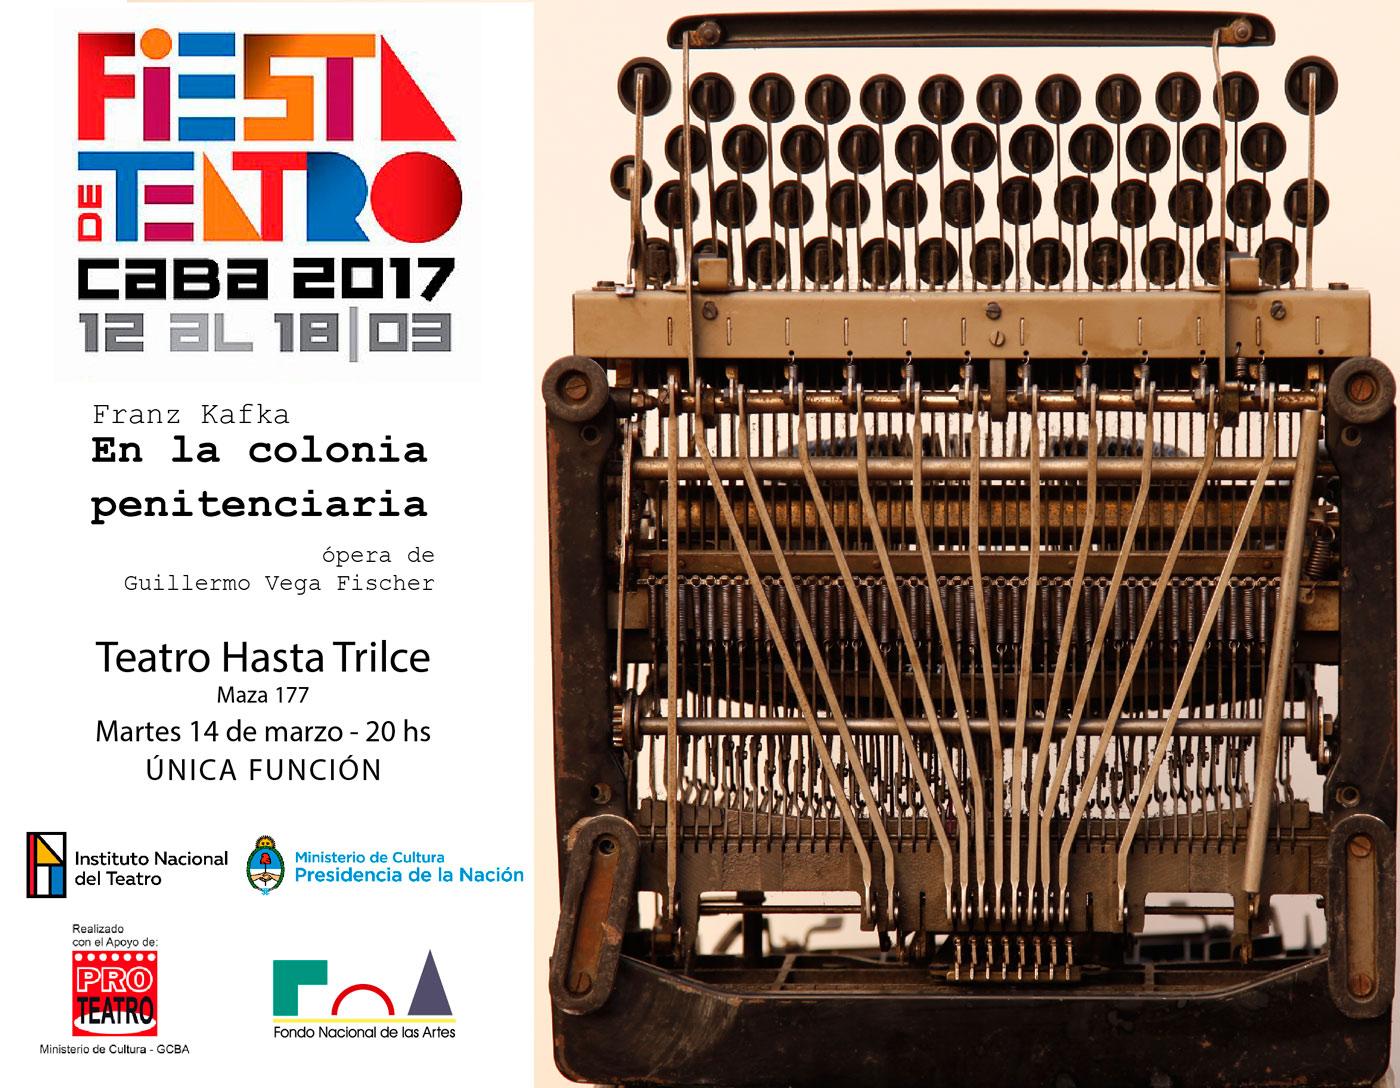 Pablo Archetti - Guillermo Vega Fischer - En la colonia penitenciaria - INT - FNA - PROTEATRO - Fiesta CABA INT TEATRO